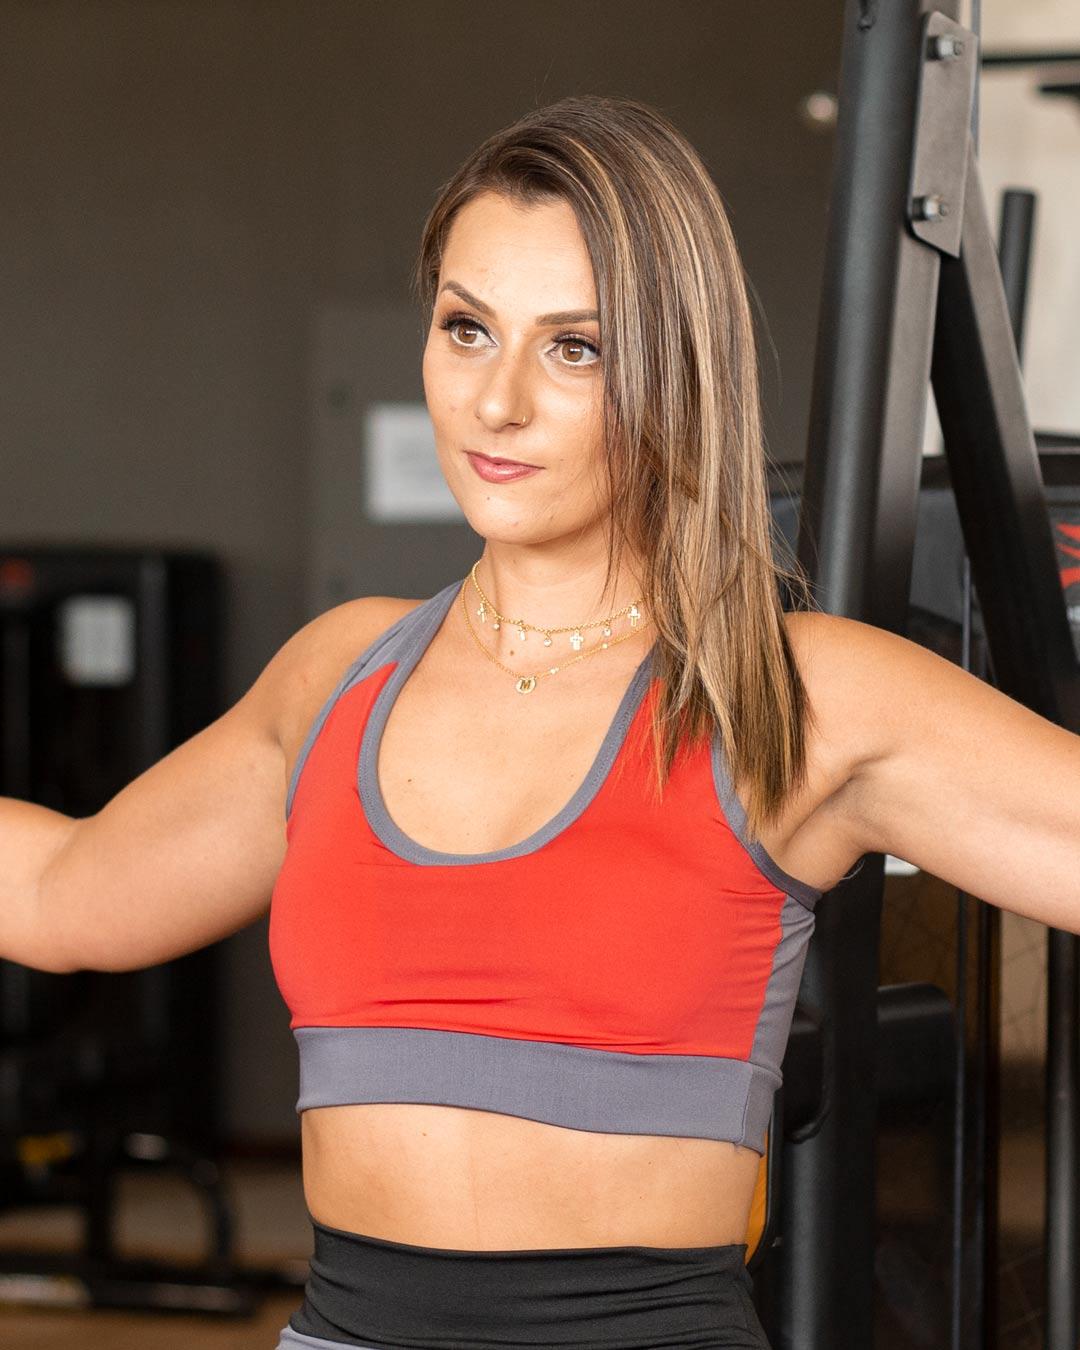 Top Fitness Mescla com Alça Cruzada - Movimente-se